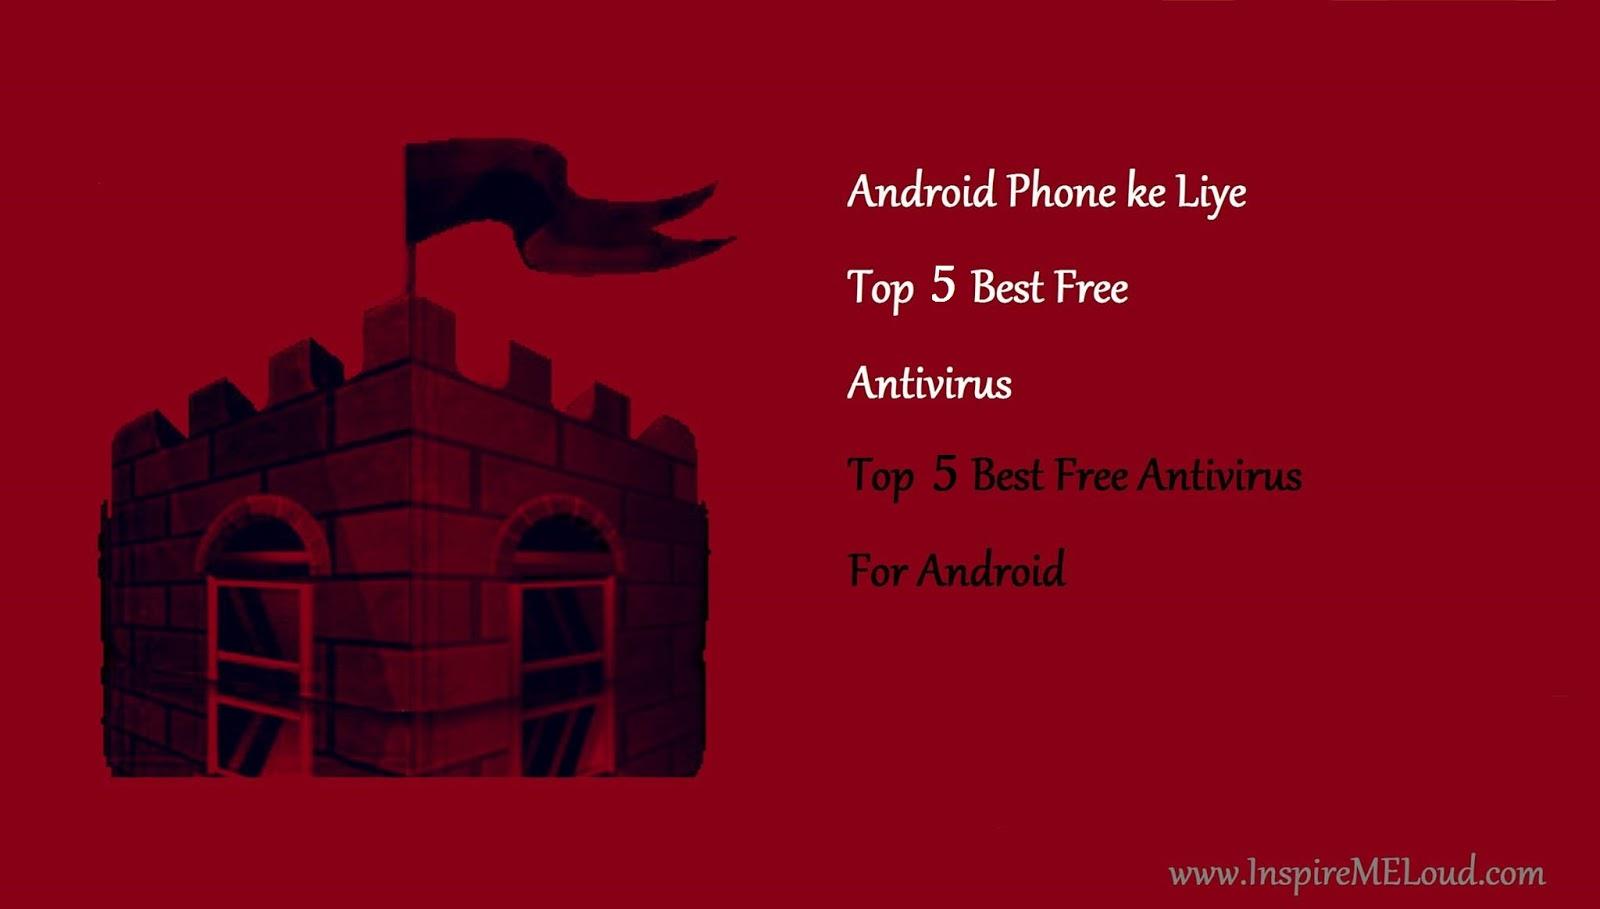 Android Phone or Tablets Ke Liye 5 Best Free Antivirus